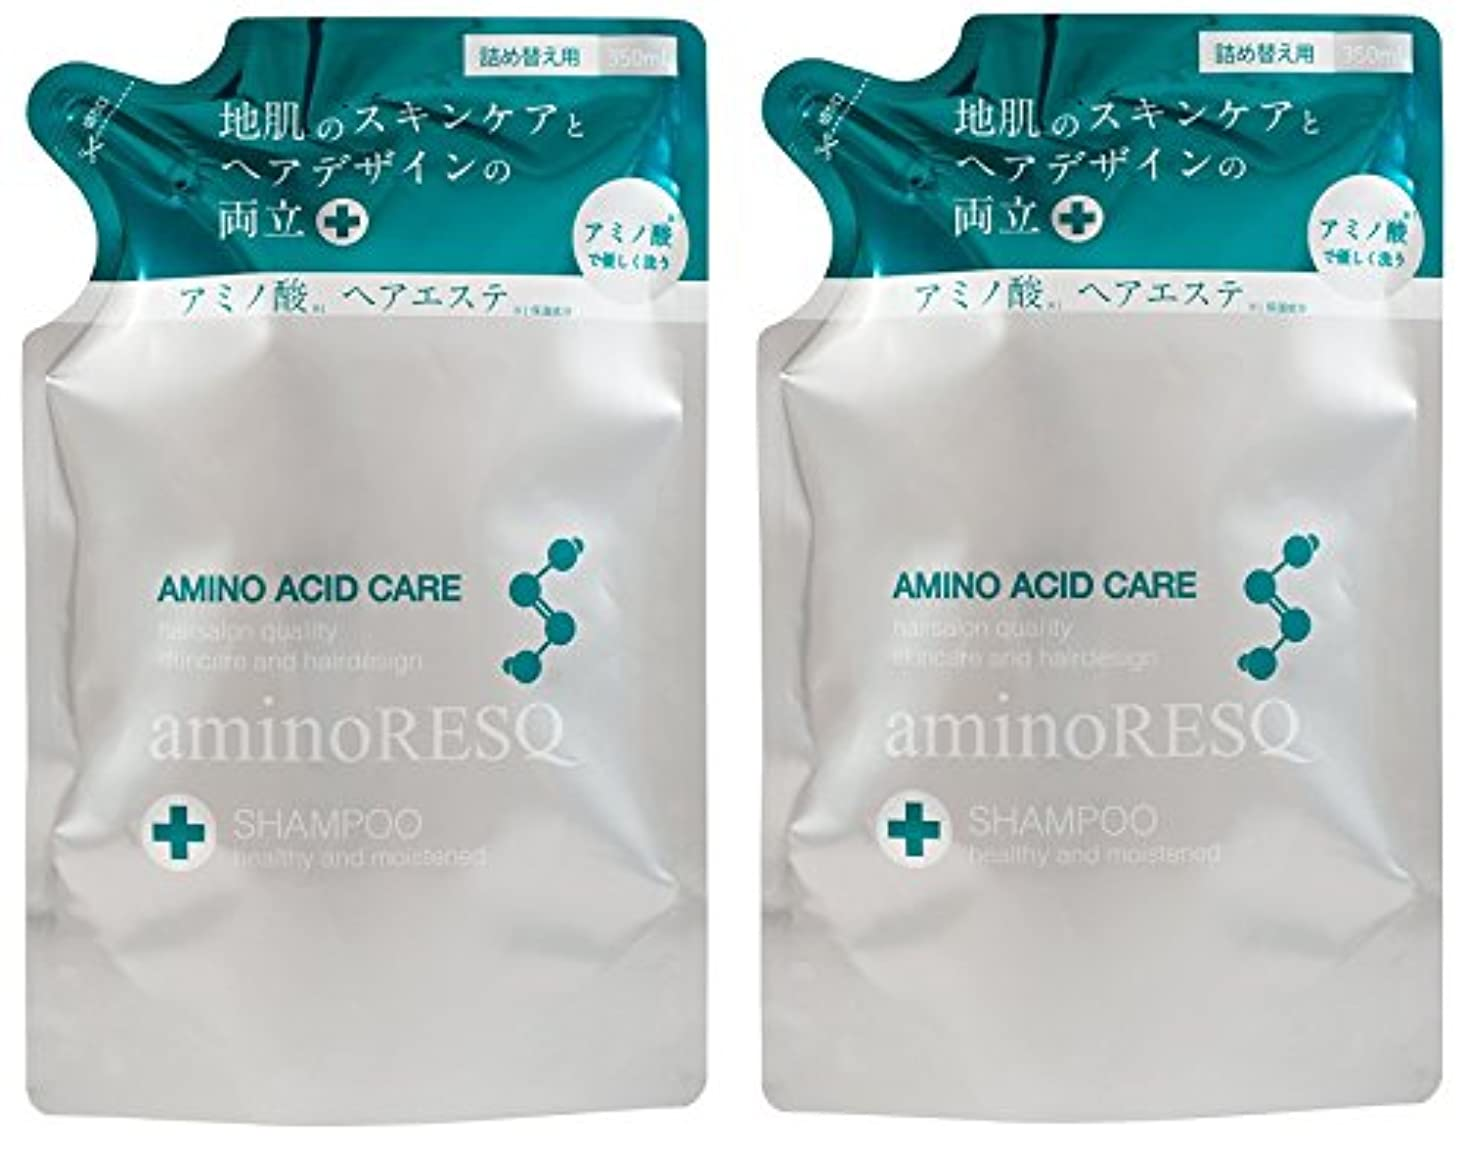 発信不良五十【2個セット】aminoRESQ アミノレスキュー シャンプー詰替